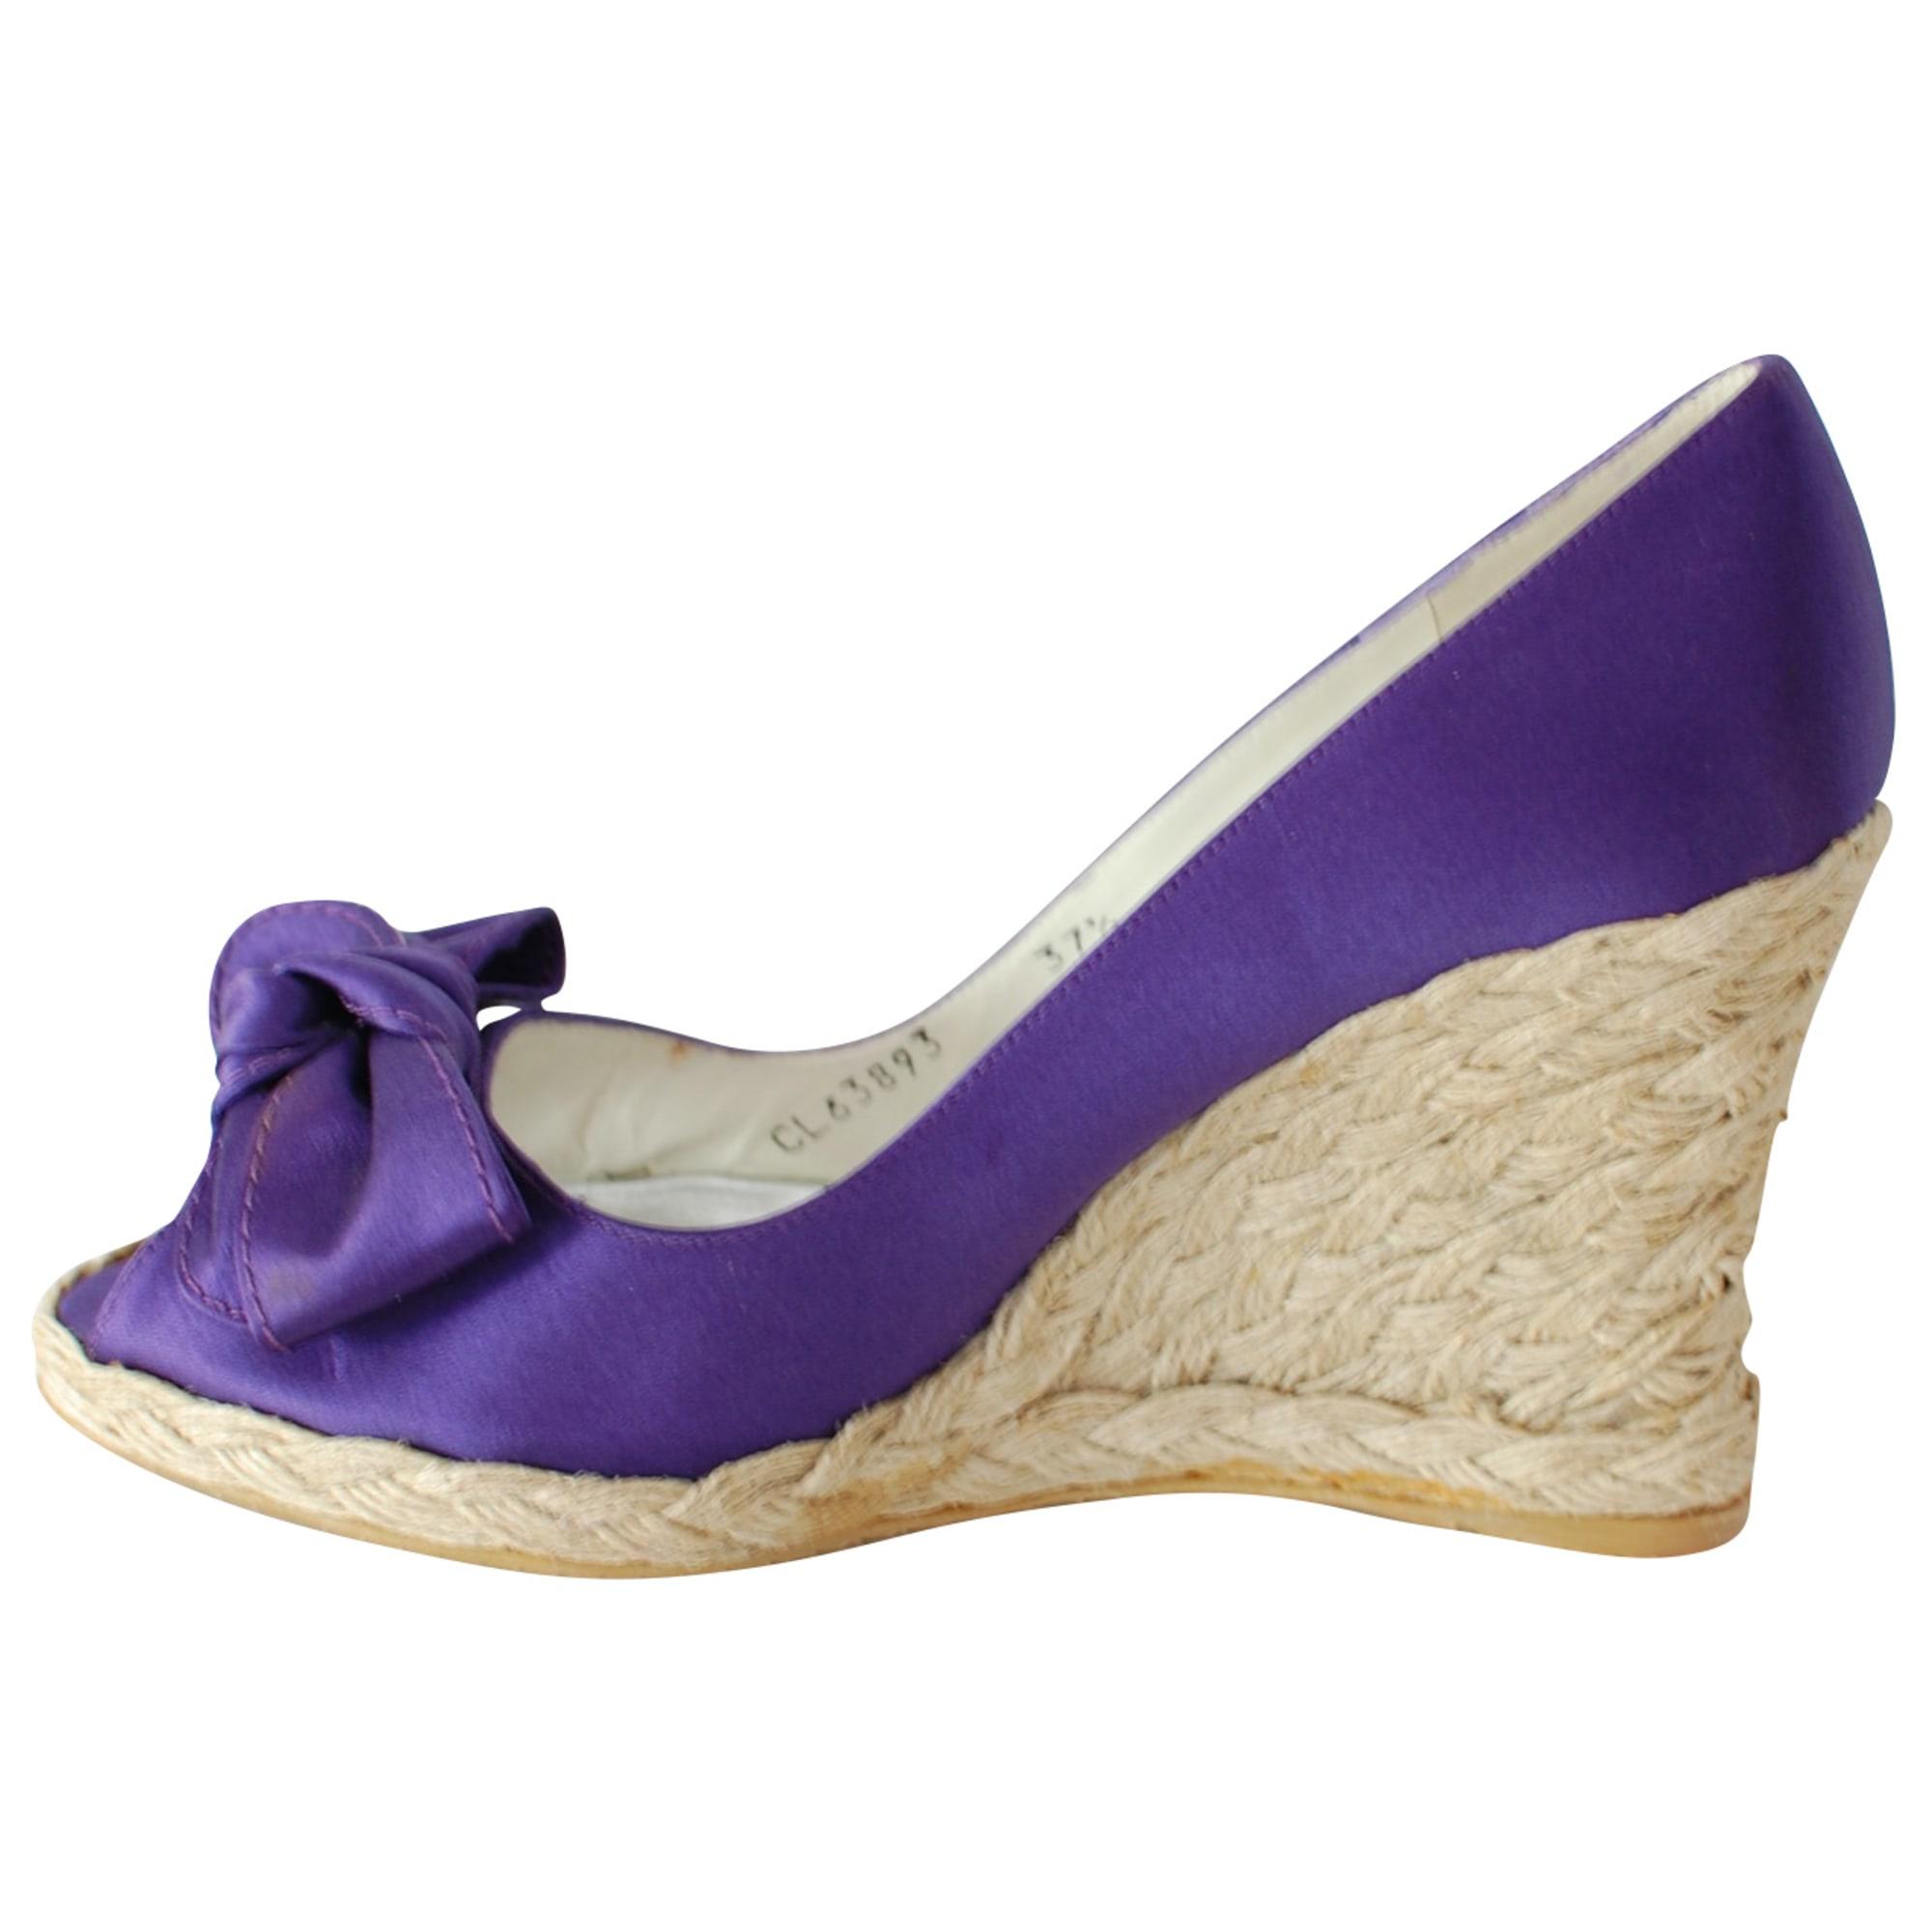 Chaussons & pantoufles STUART WEITZMAN Violet, mauve, lavande